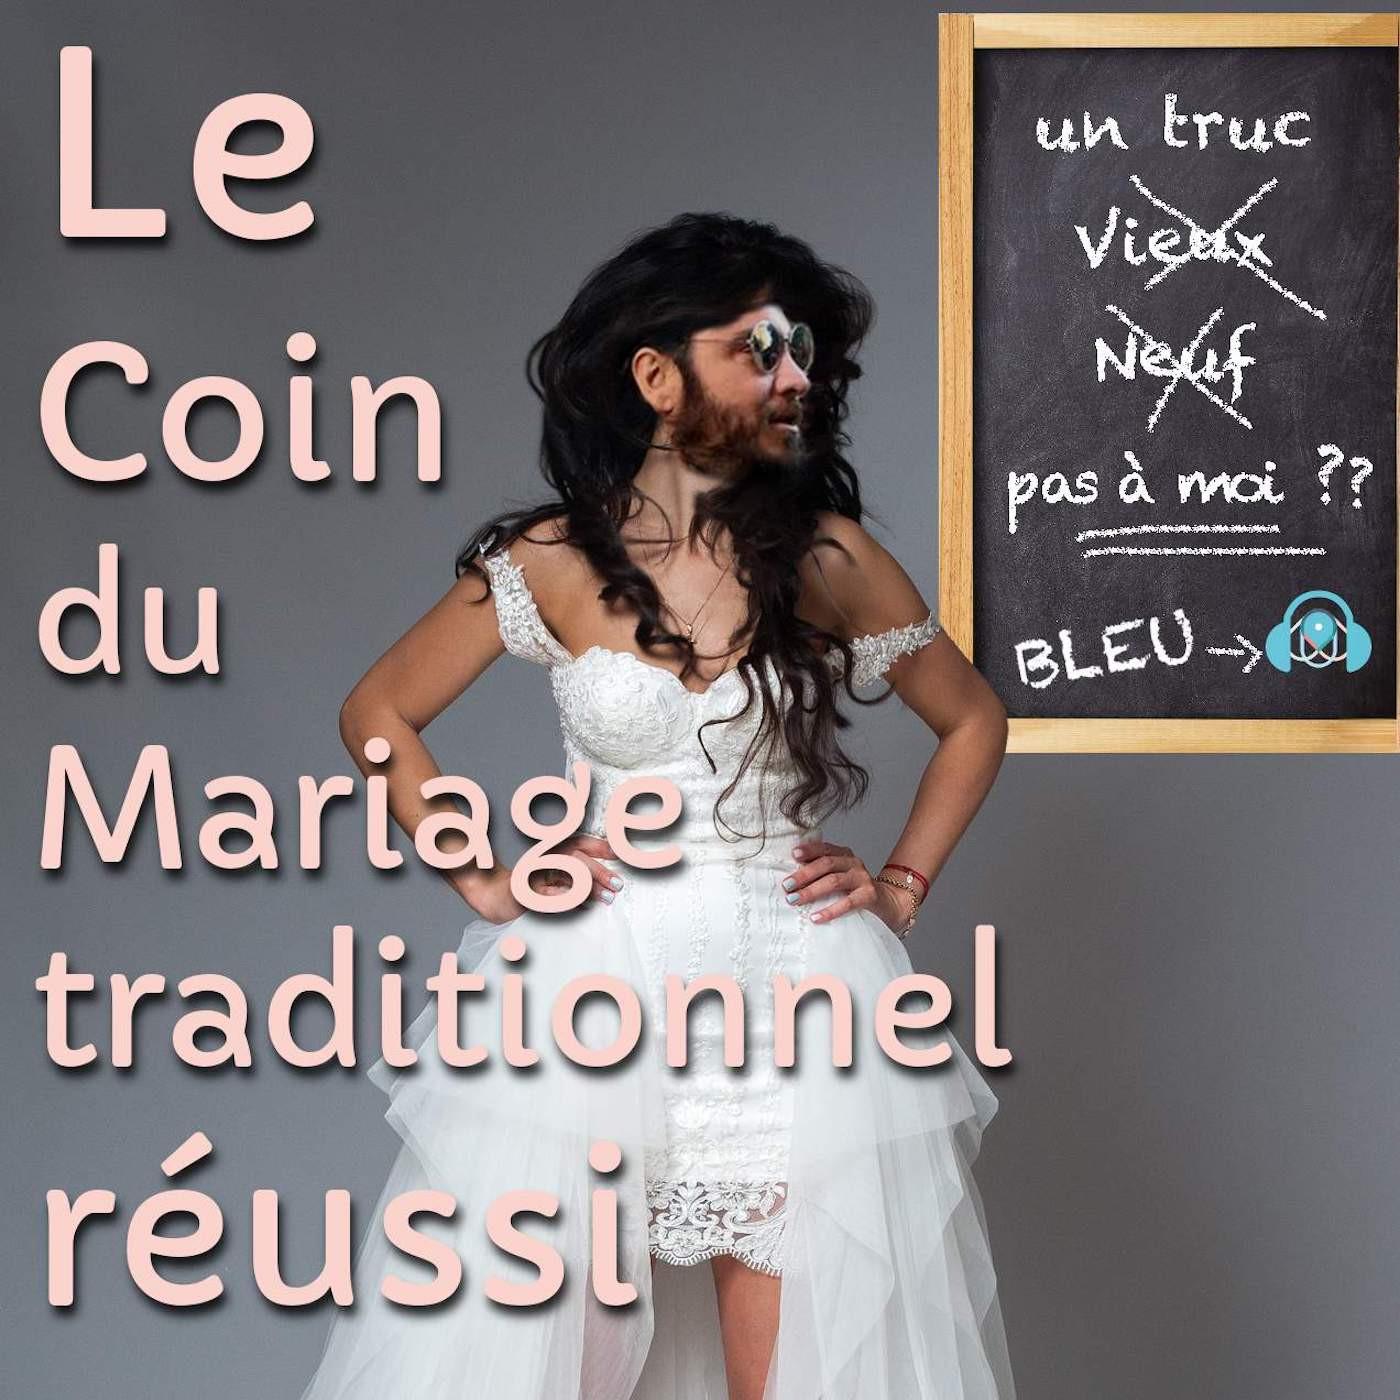 LE COIN DU MARIAGE TRADITIONNEL RÉUSSI S1E13